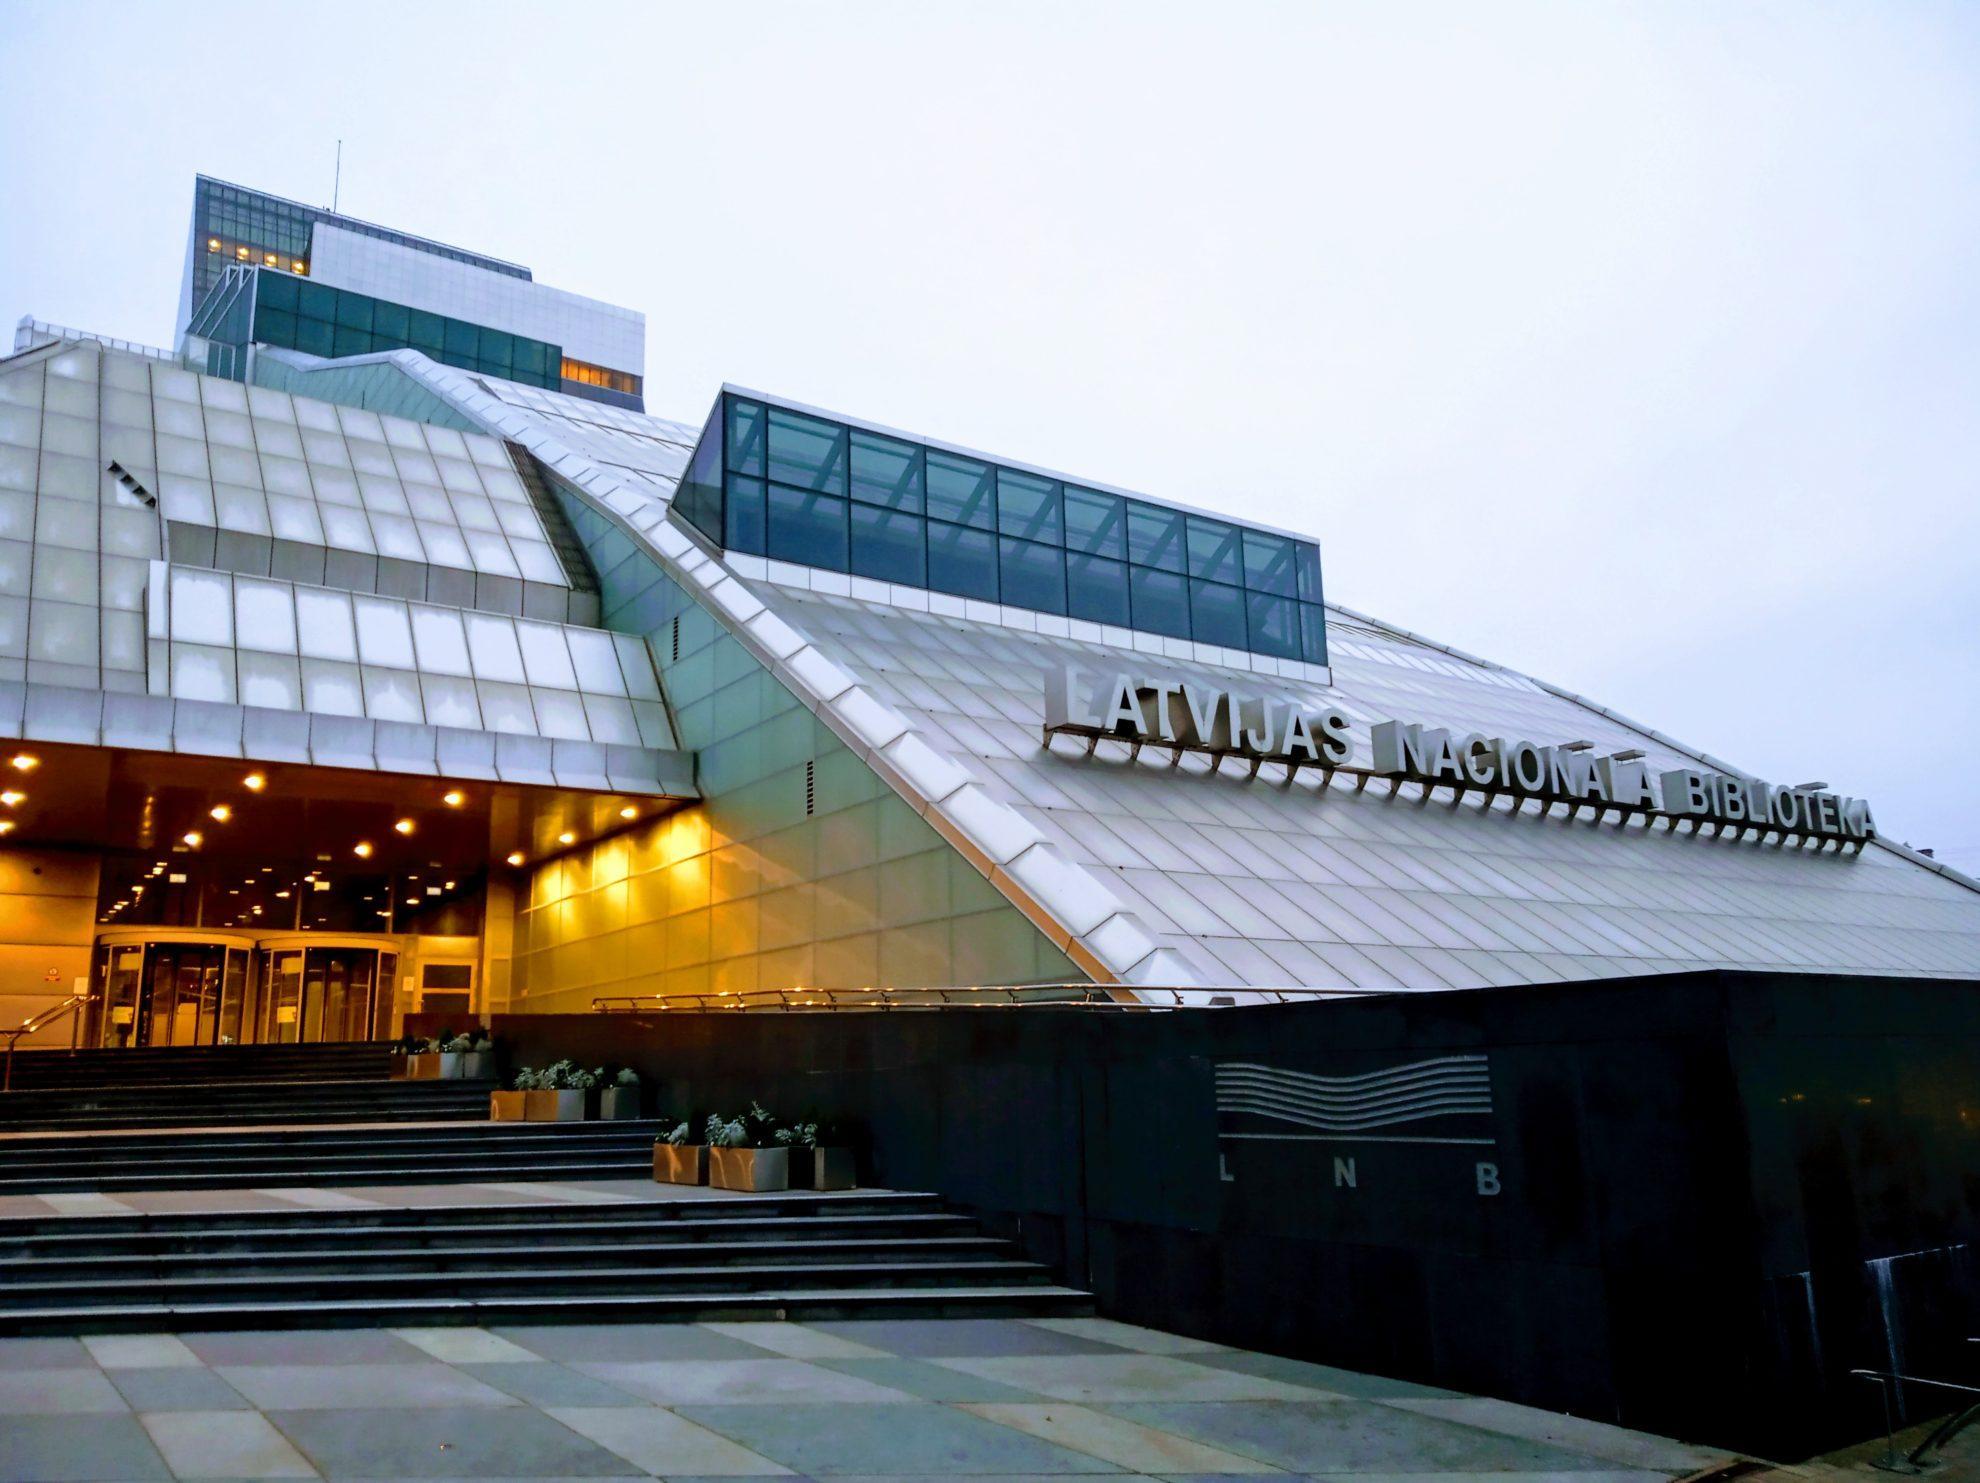 Рига, Латвия, — как добраться, где остановиться, что посмотреть, чем питаться, куда поехать из Риги